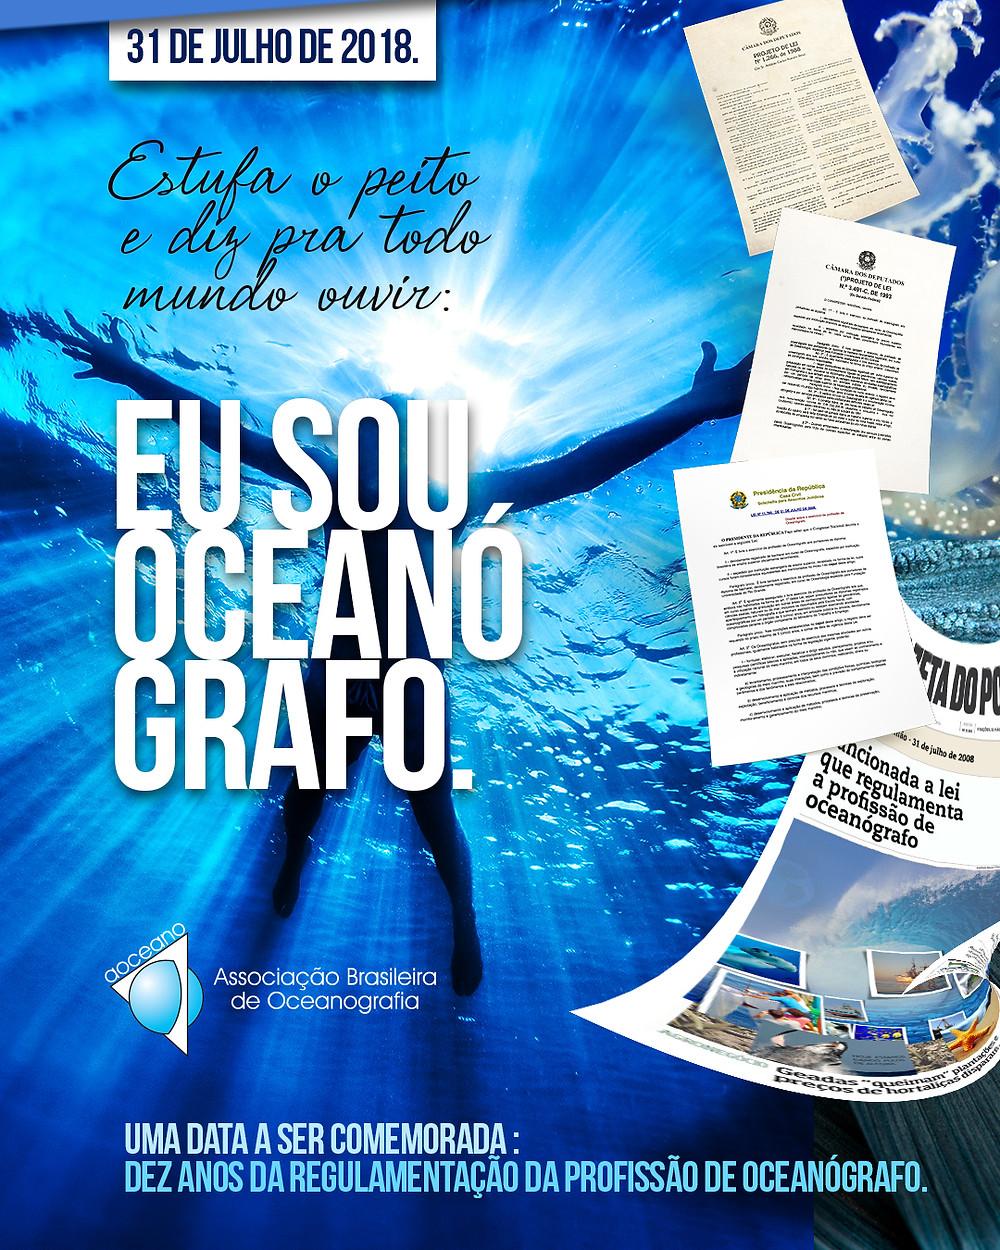 Saiba mais em www.praiaegestao.com.br